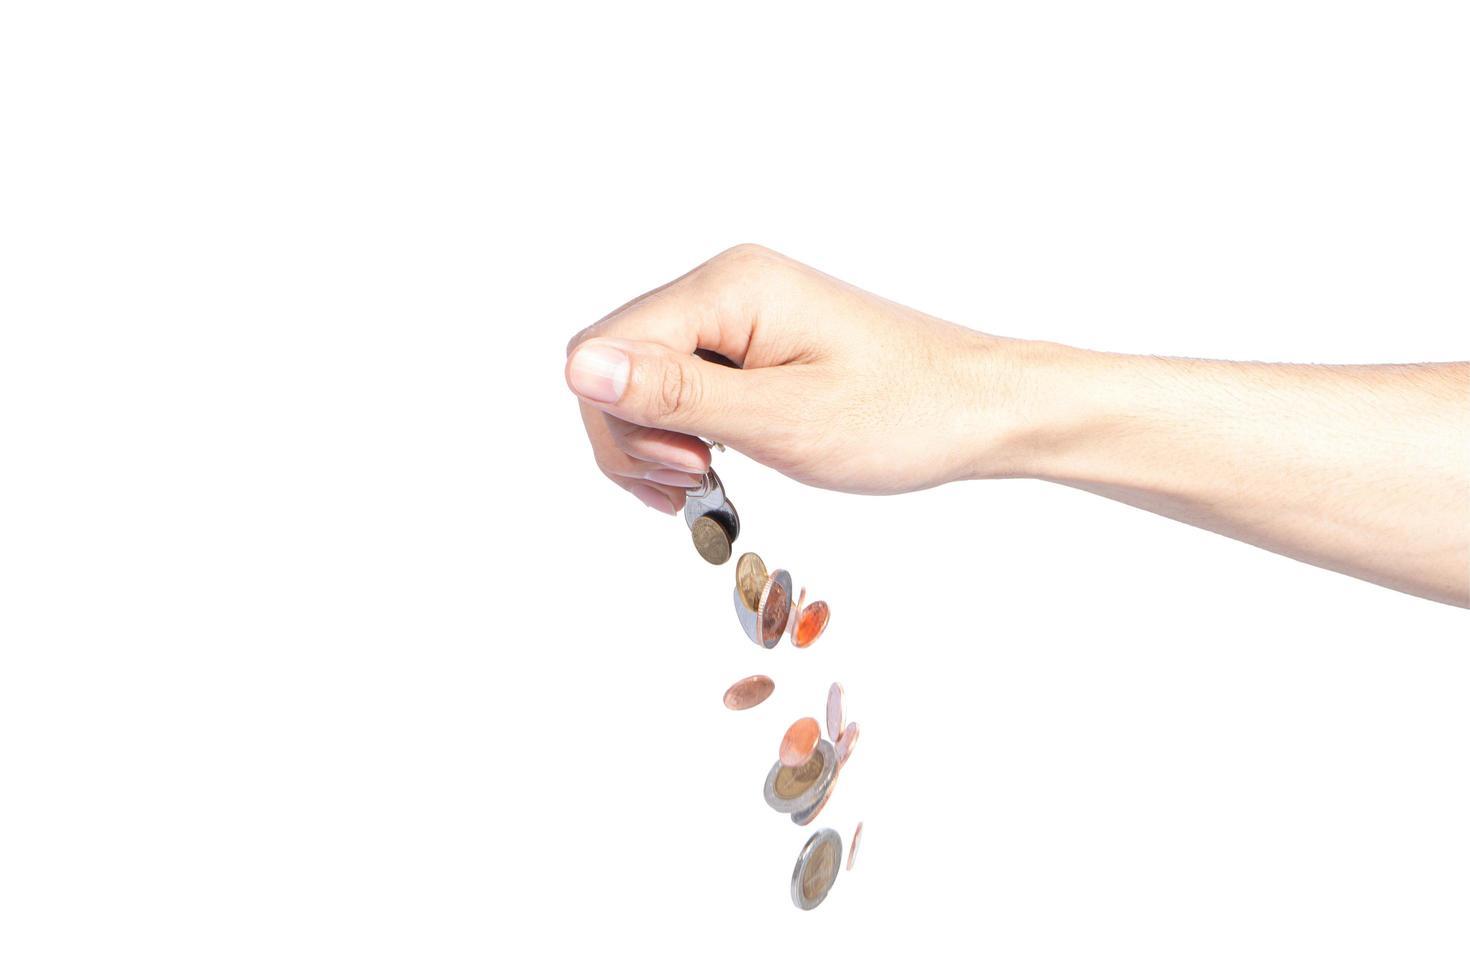 monedas cayendo de una mano foto